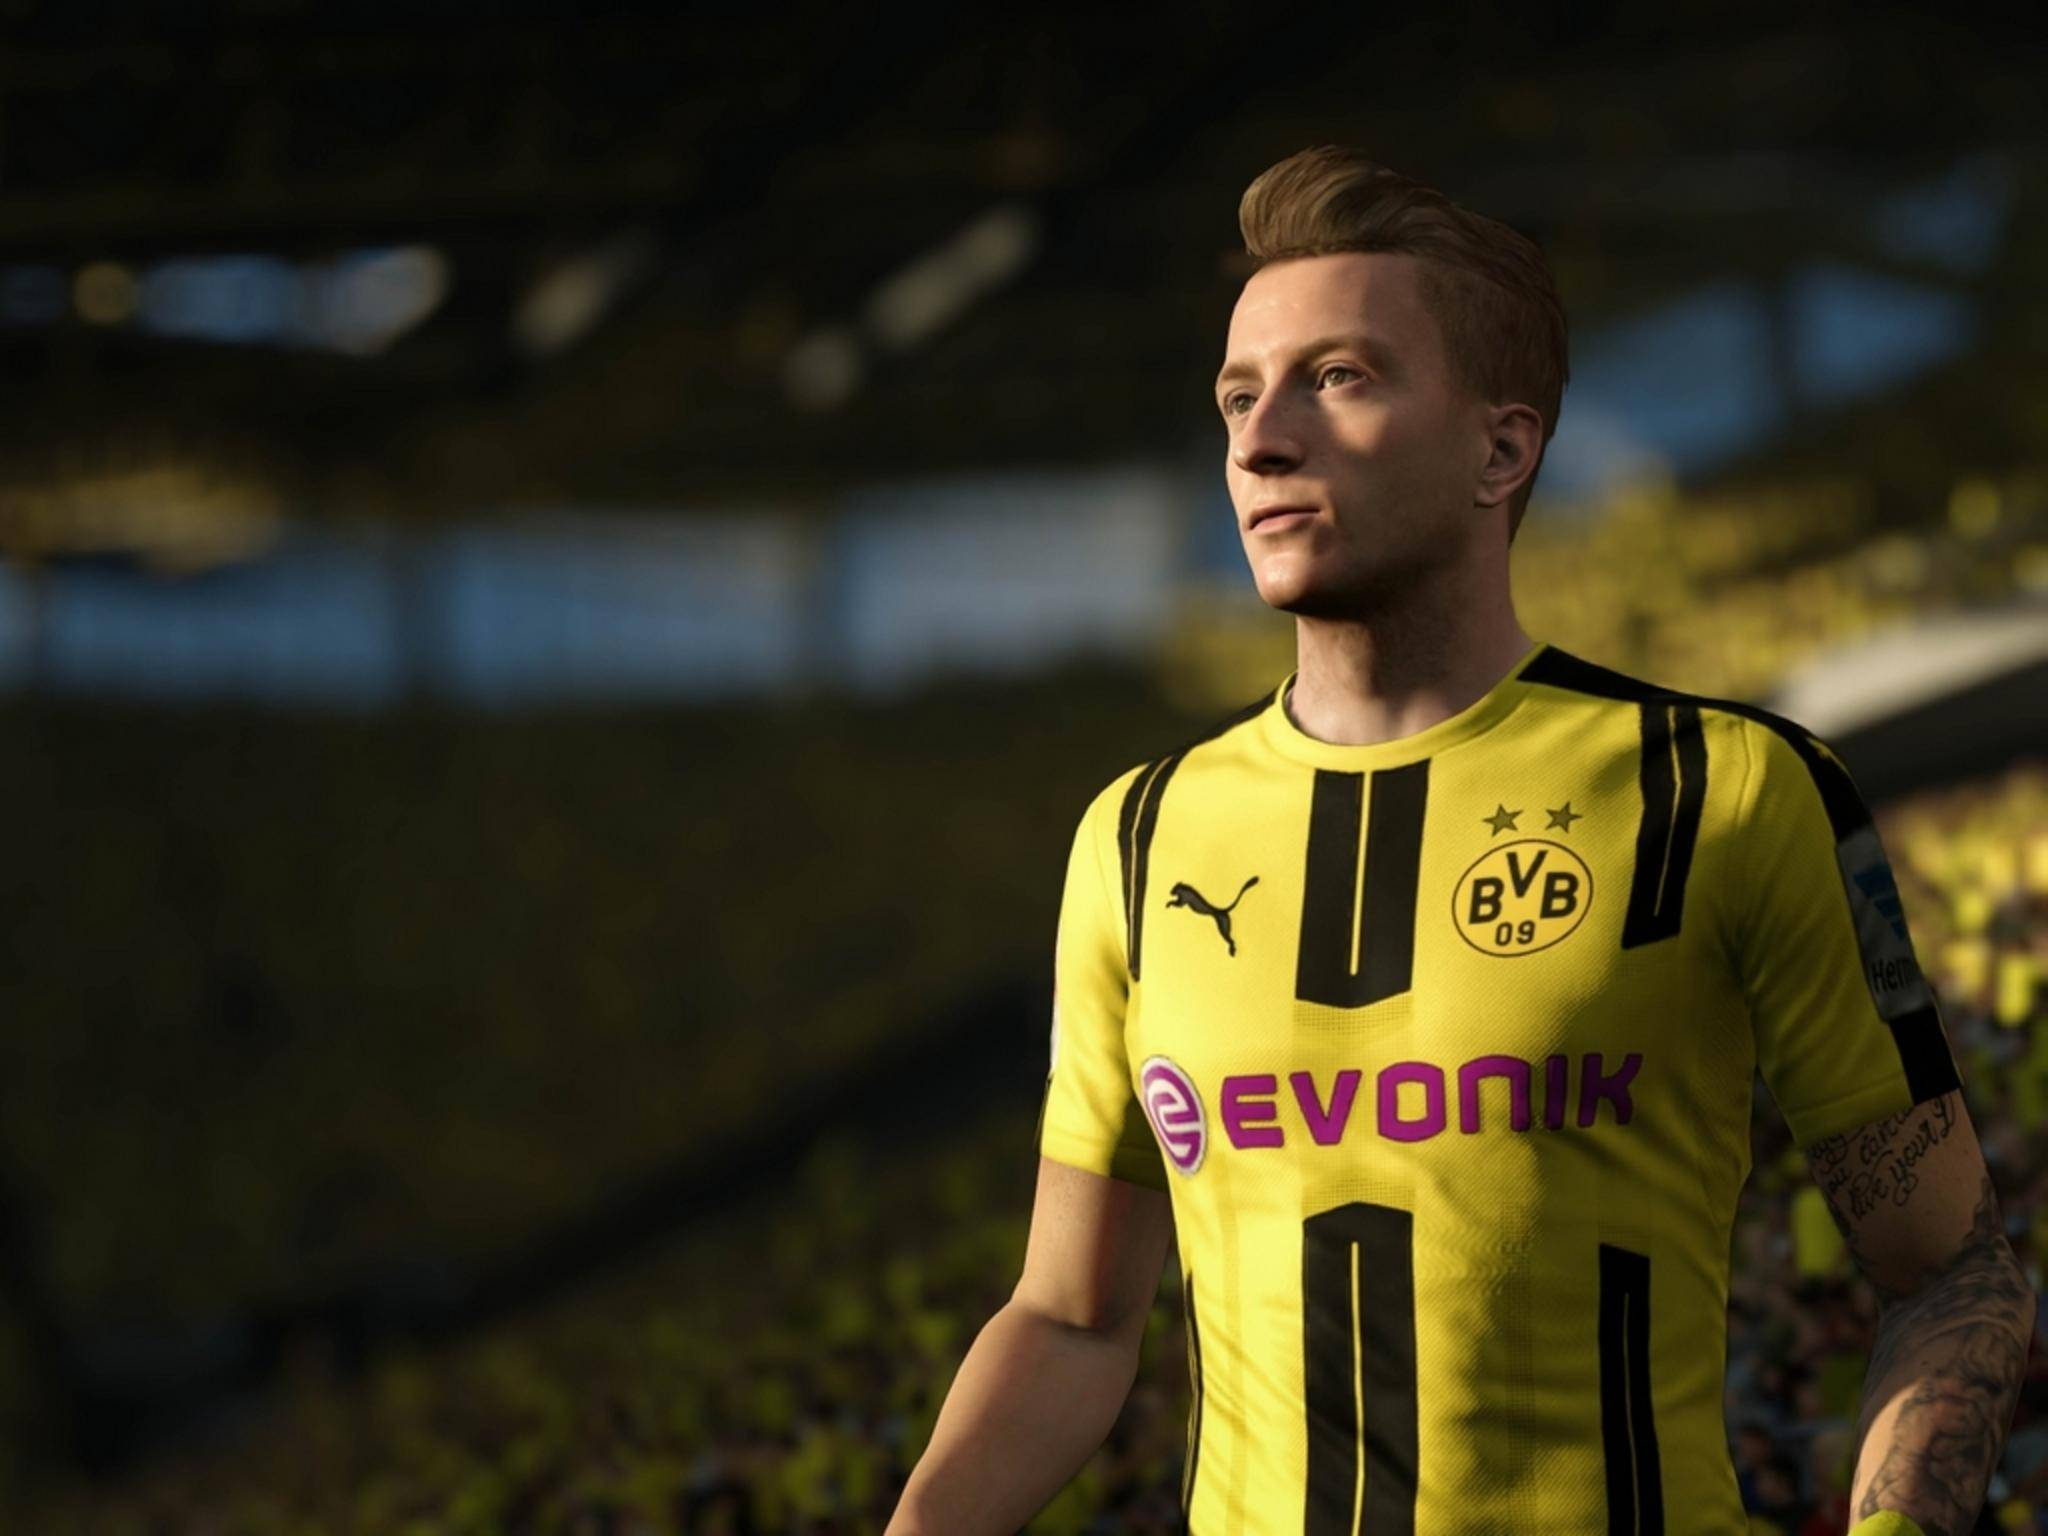 Marco Reus ist zwar nicht günstig, aber mit einer Wertung von 88 Punkten einer der besten Spieler von FIFA 17.